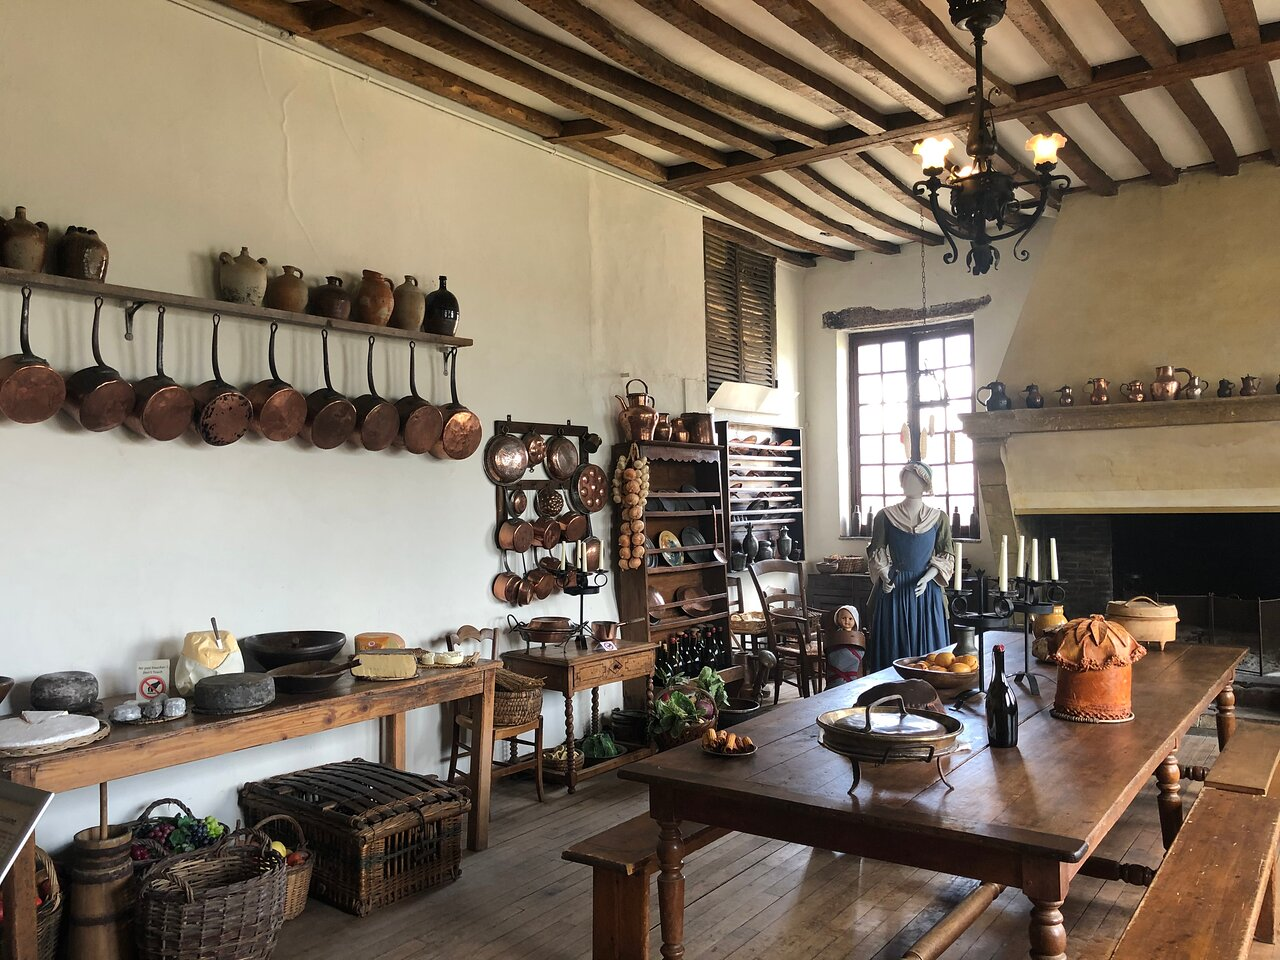 Château de Meung sur Loire (Meung-sur-Loire) : 2021 Ce qu'il faut savoir pour votre visite - Tripadvisor